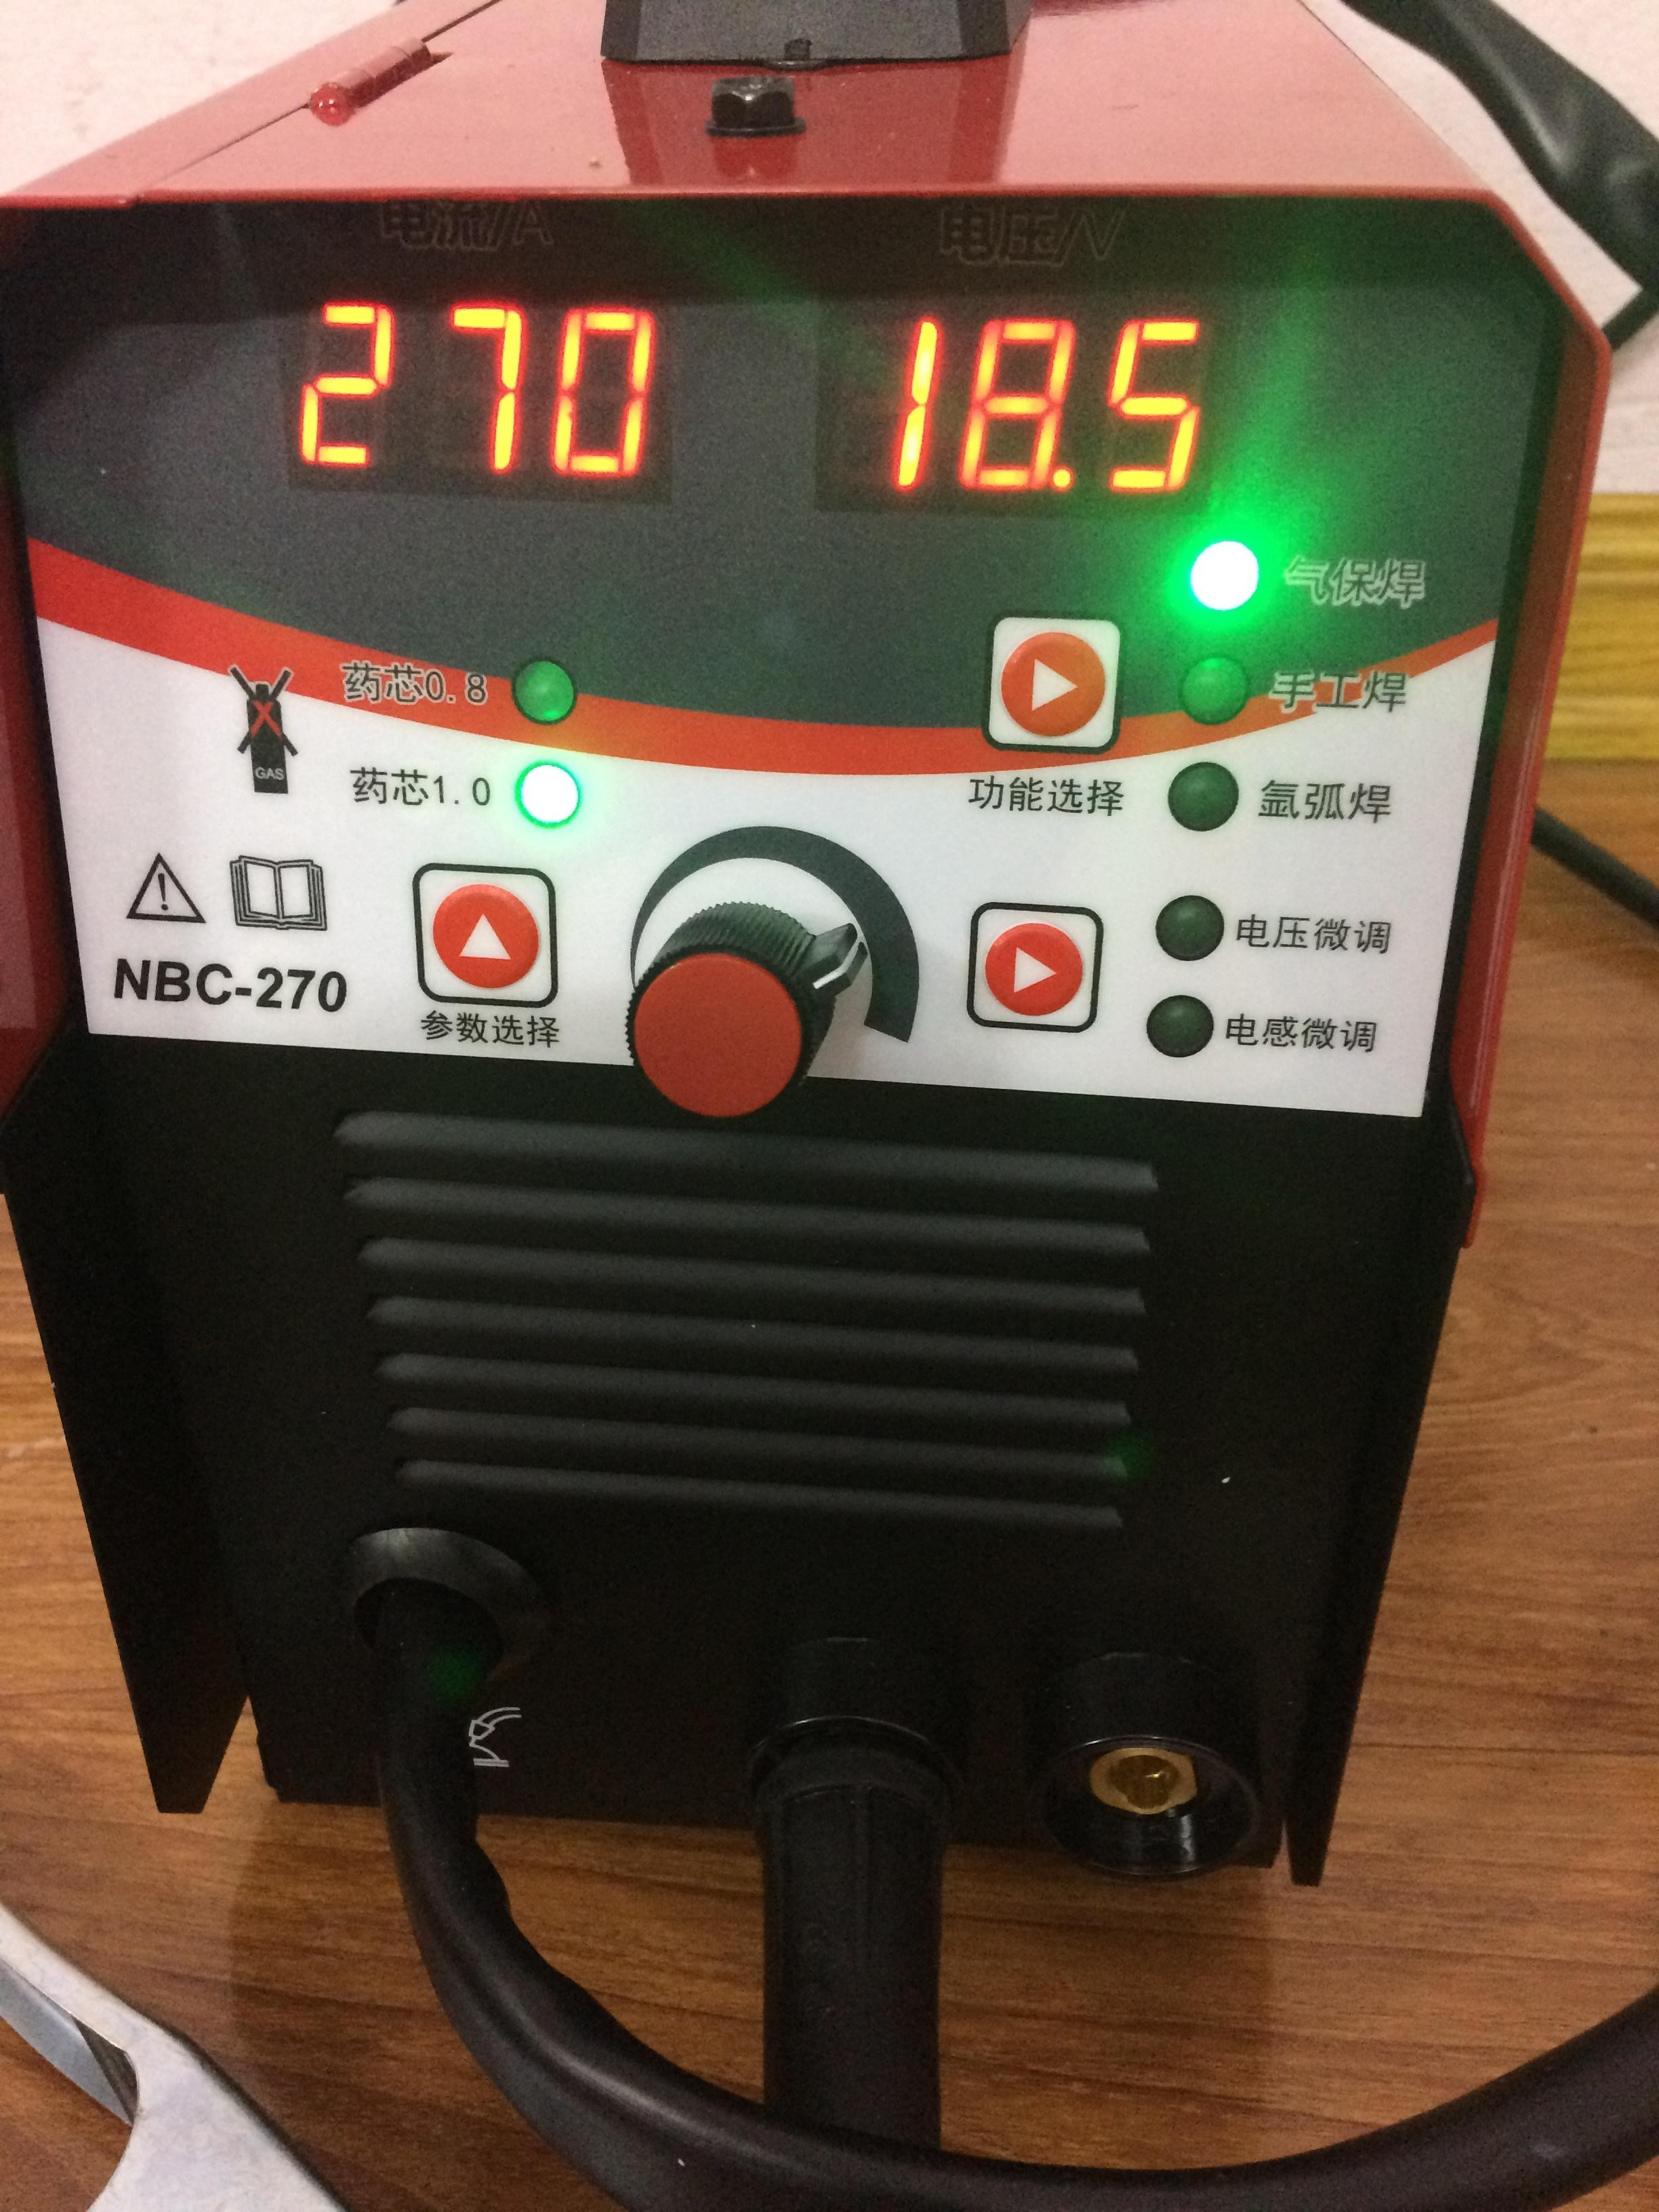 máy hàn mig nbc-270 không dùng khí+máy hàn que